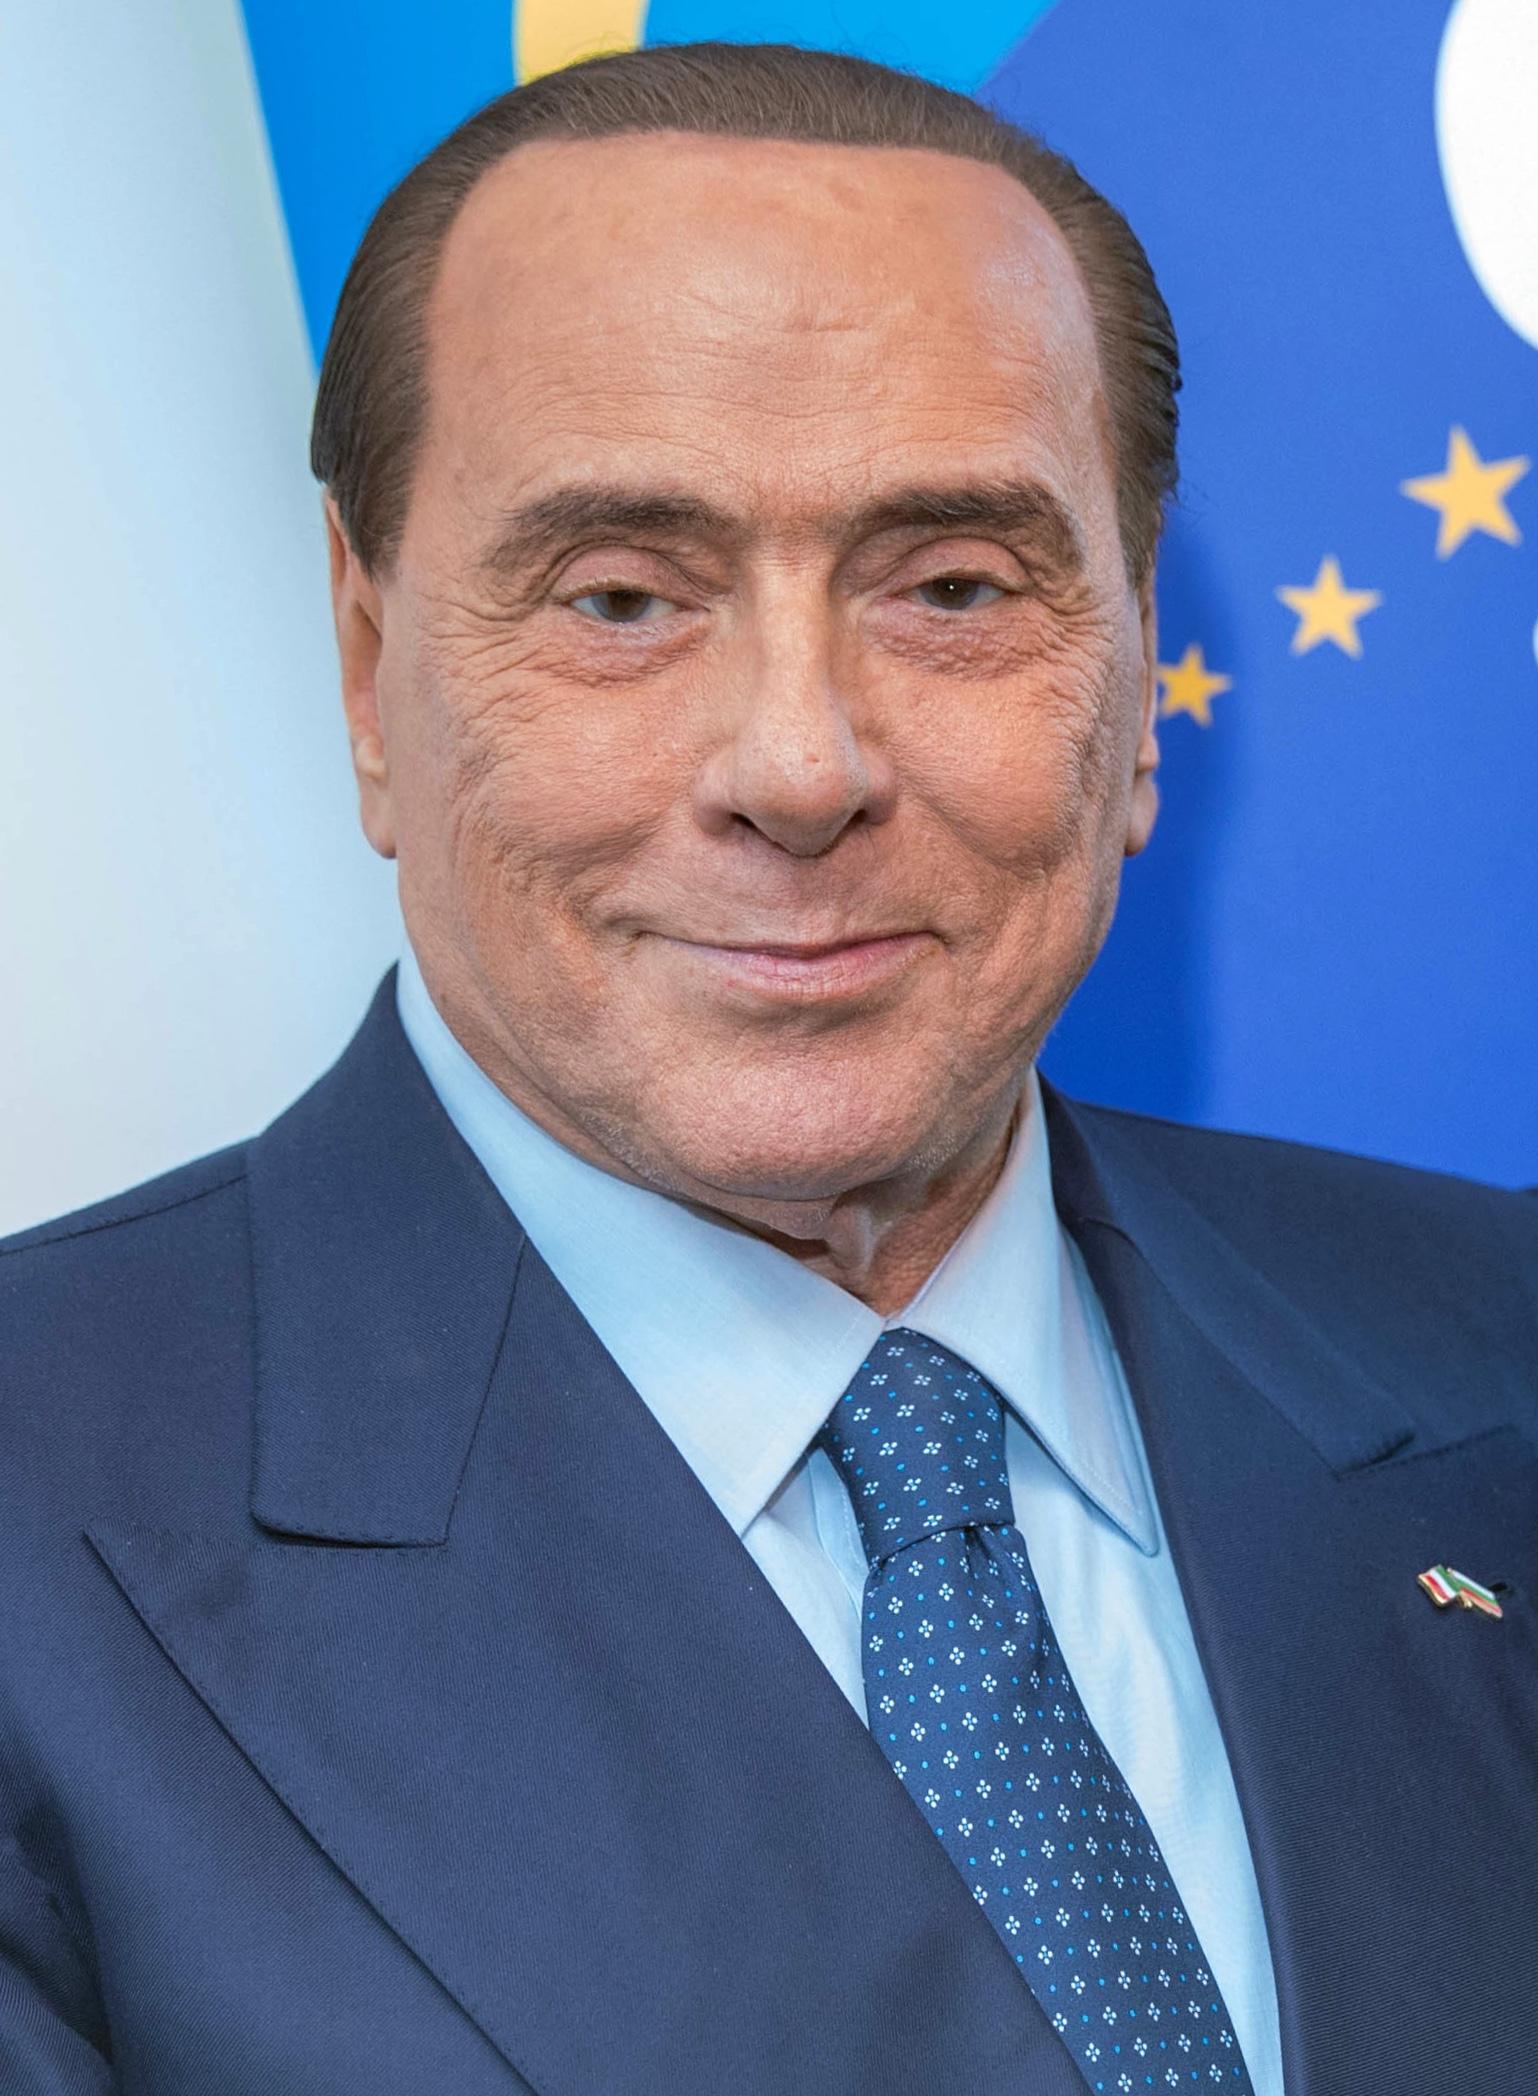 Veja o que saiu no Migalhas sobre Silvio Berlusconi